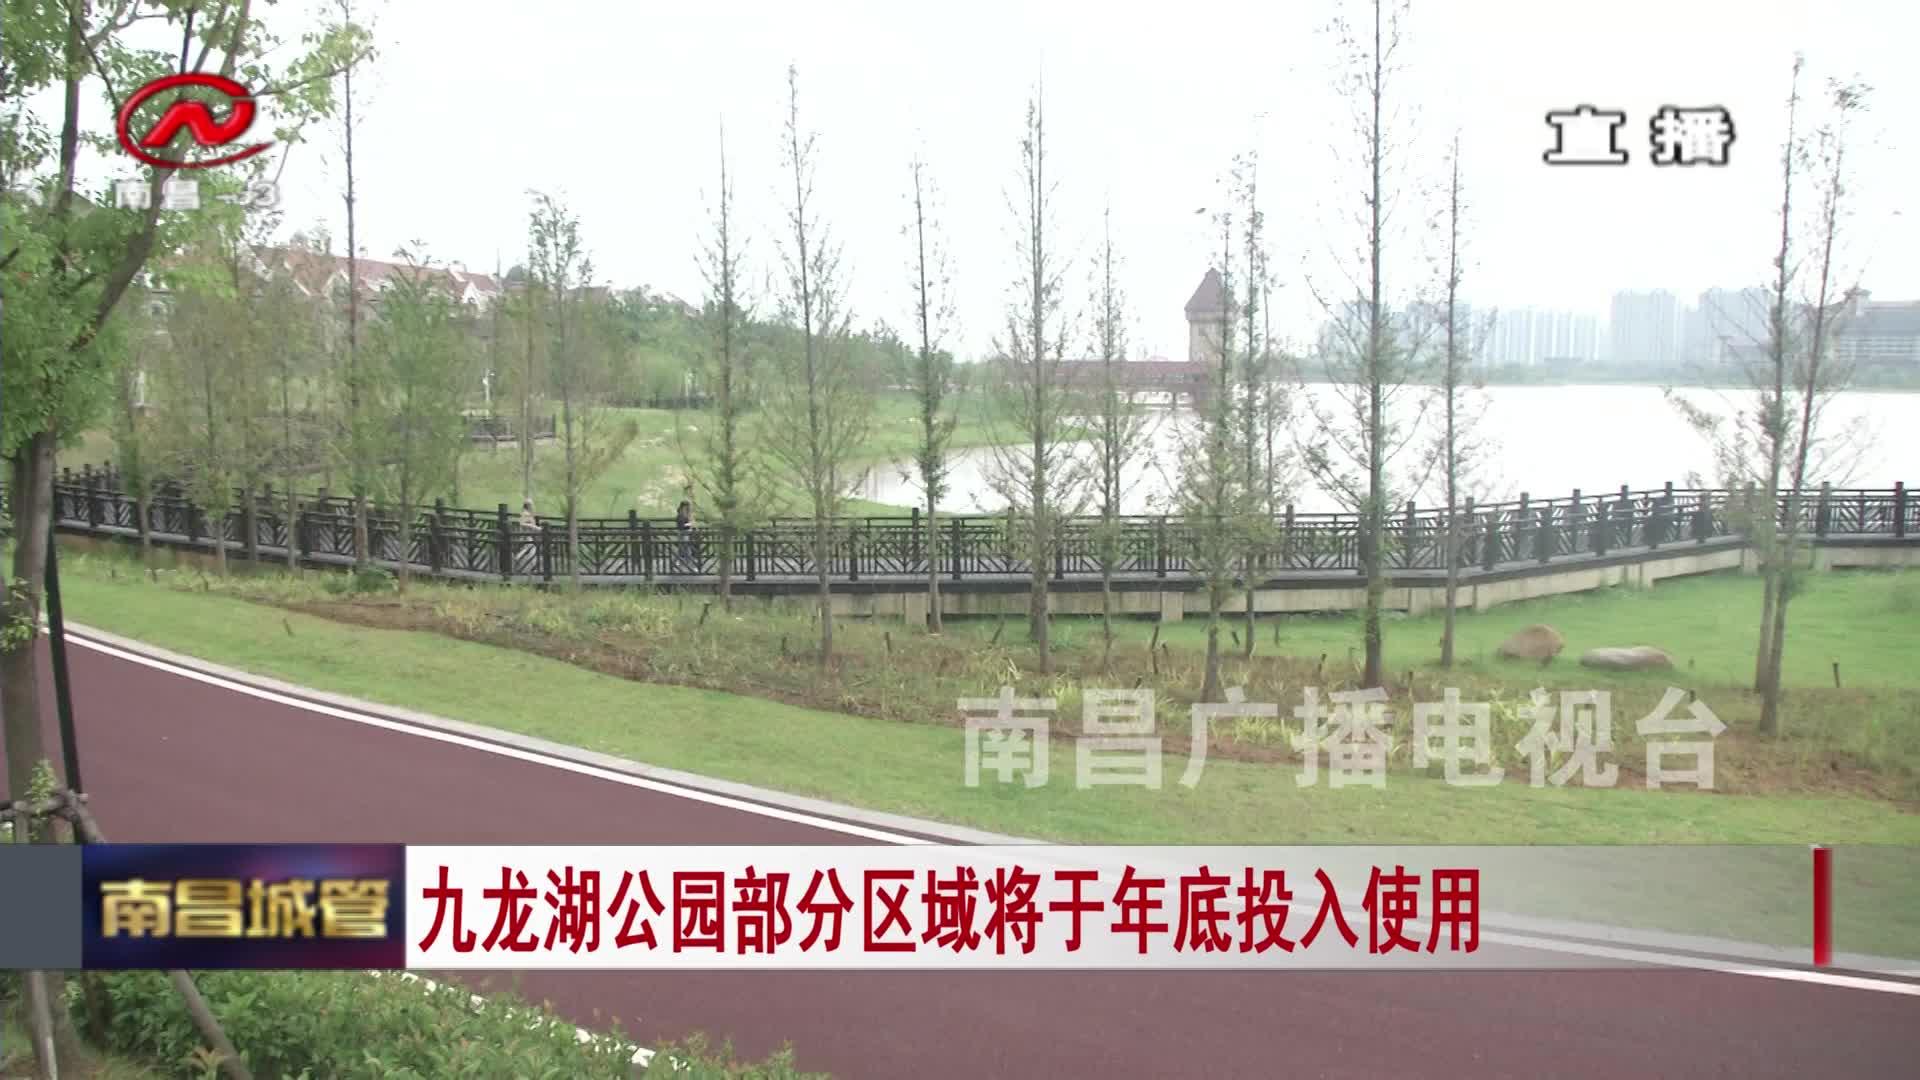 【城管新闻】九龙湖公园部分区域将于年底投入使用